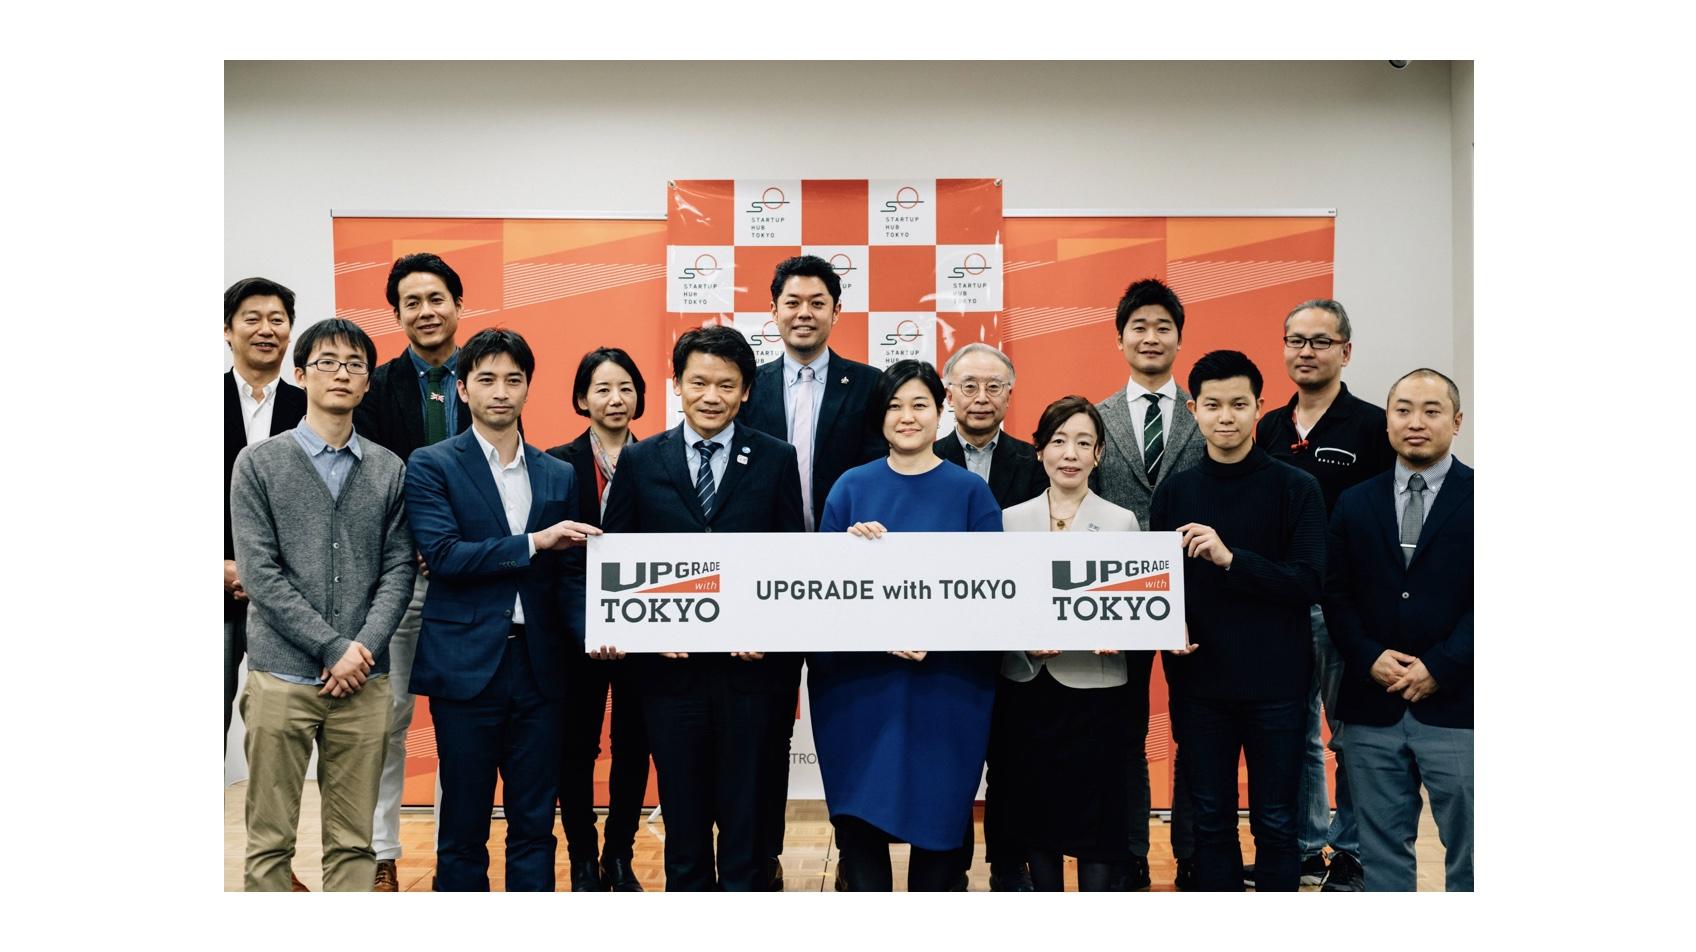 東京都主催ピッチコンテスト「UPGRADE with TOKYO」でオンライン地図プラットフォームのStrolyが優勝